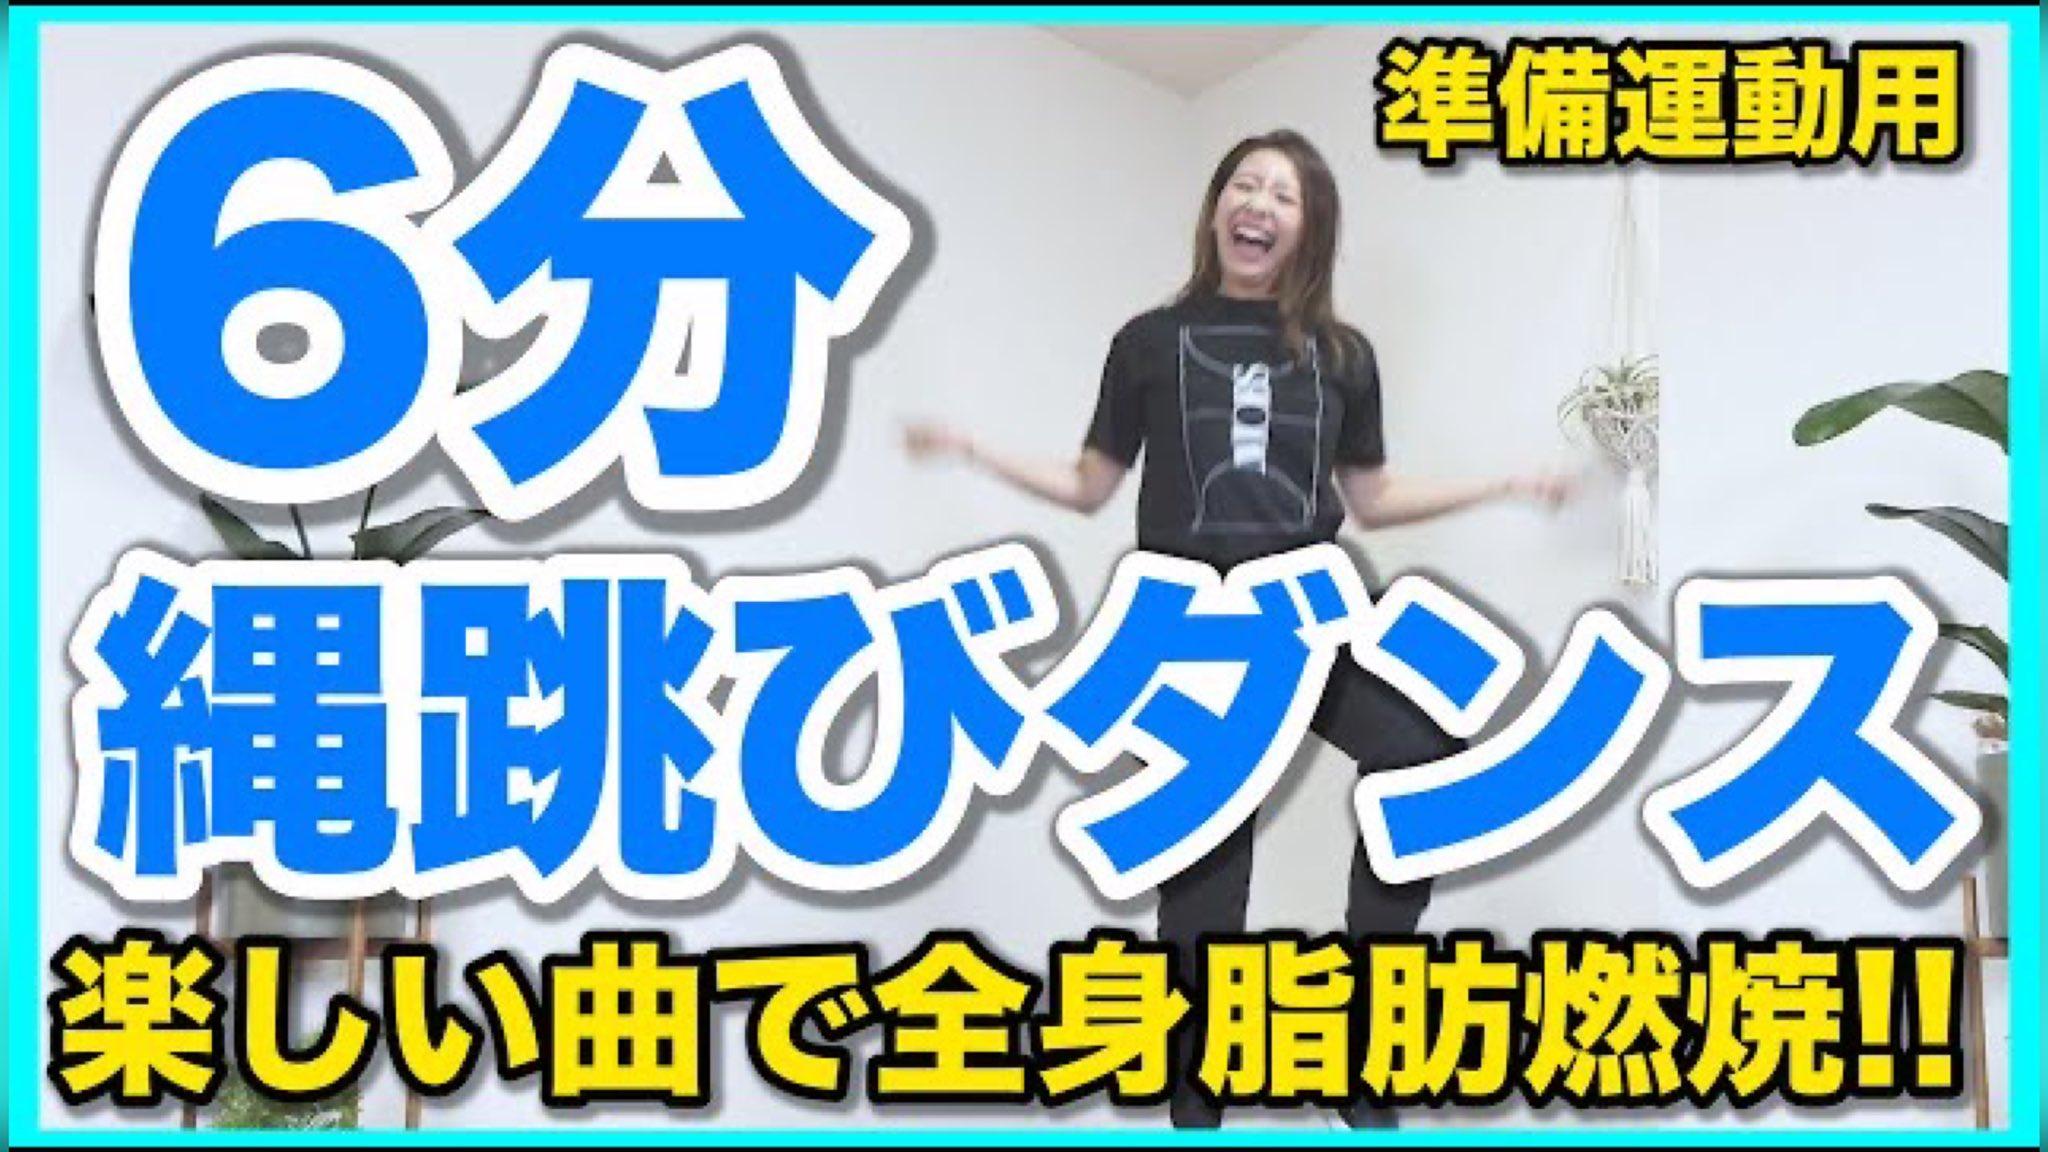 まりな 曲名 竹脇 youtube